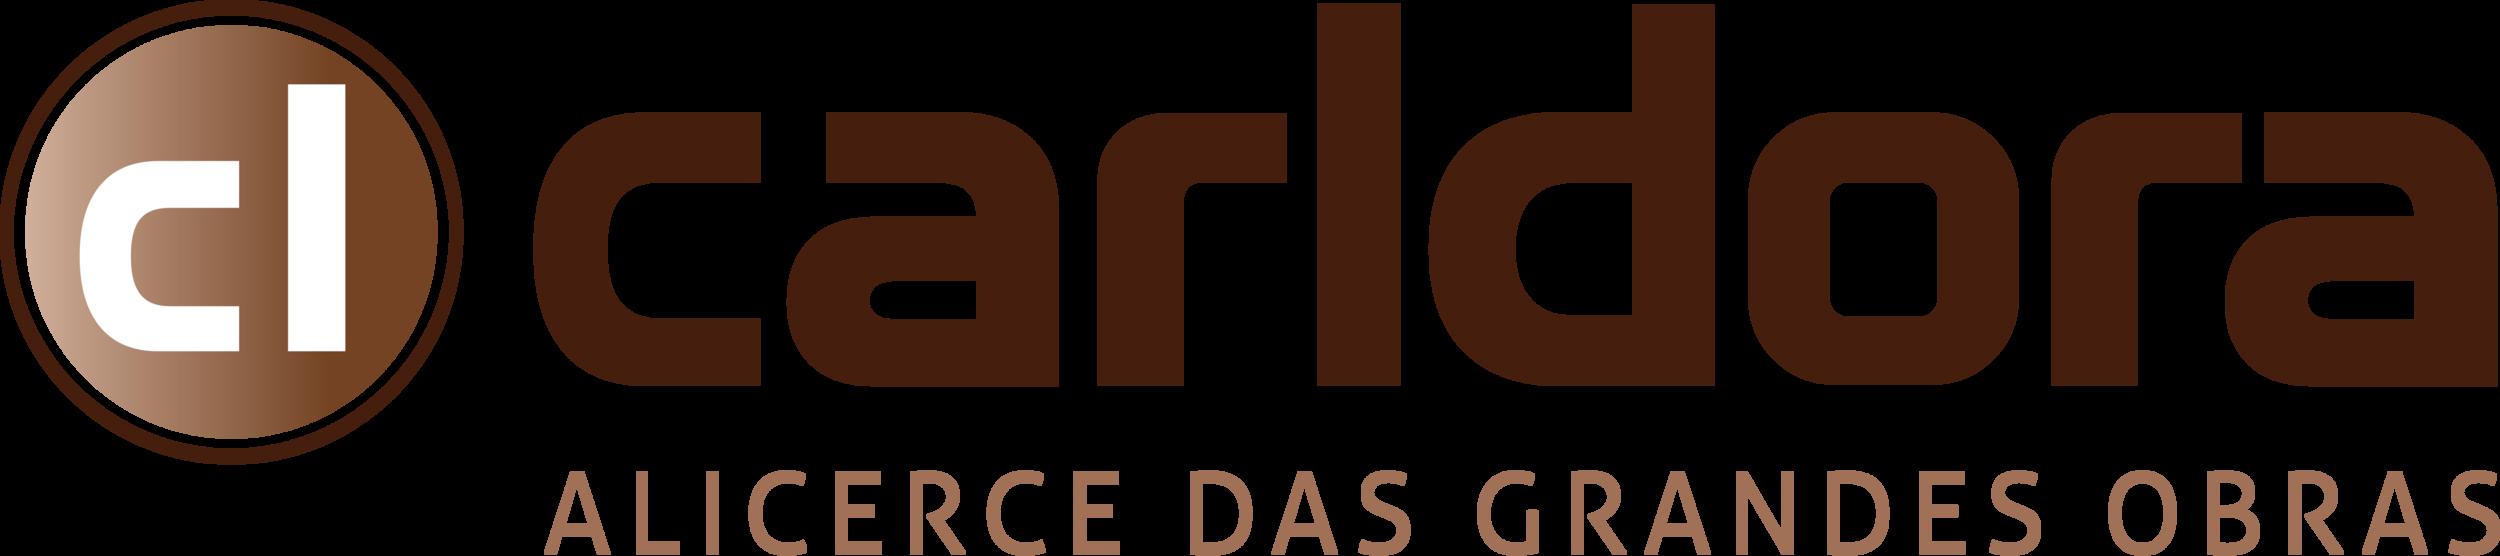 Logo-Carldora.png